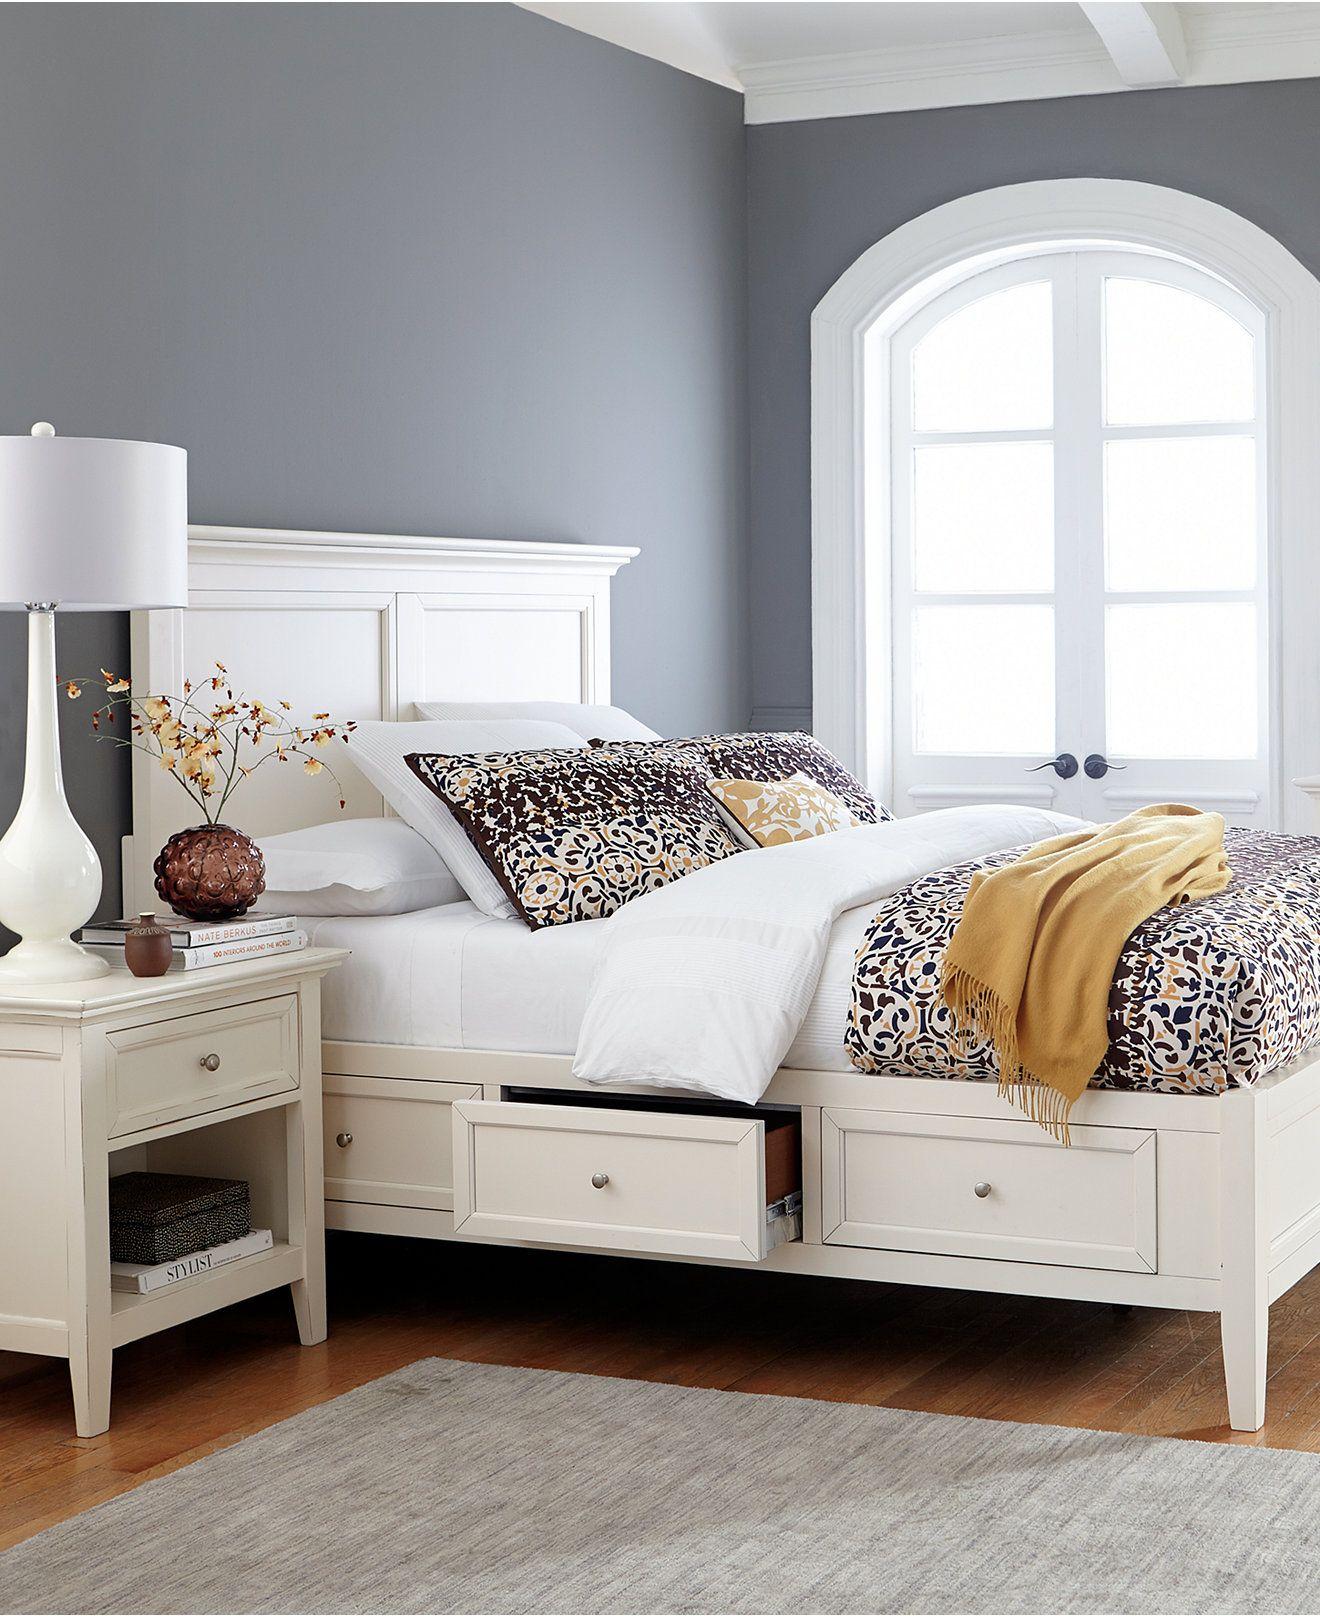 Furniture Sanibel Storage Queen Bed Created For Macy S Reviews Furniture Macy S In 2020 Storage Furniture Bedroom Bedroom Collections Furniture Master Bedroom Furniture